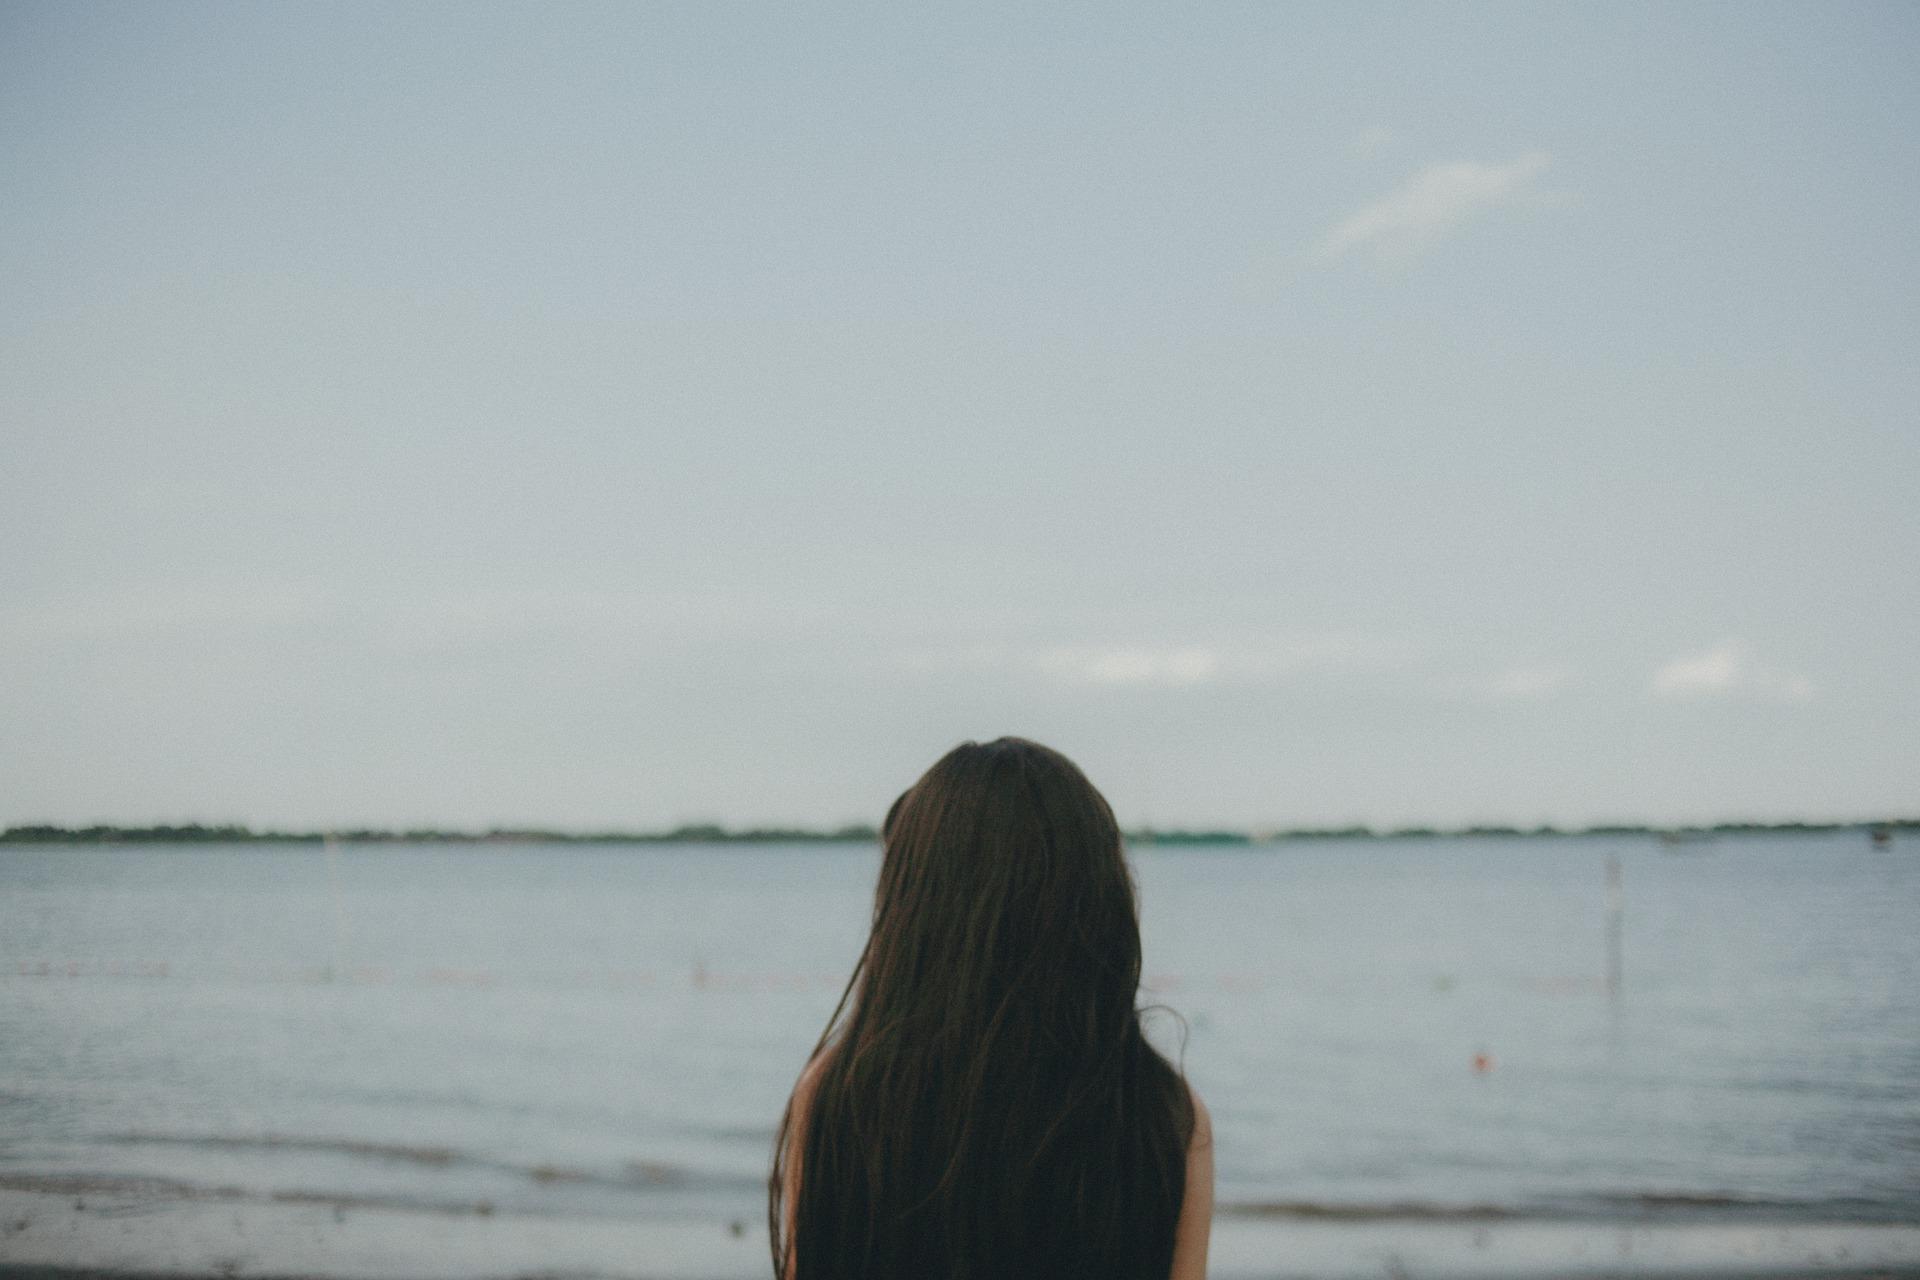 Megtanulhatunk függetlenedni mások véleményétől, s bízni saját igazunkban. -